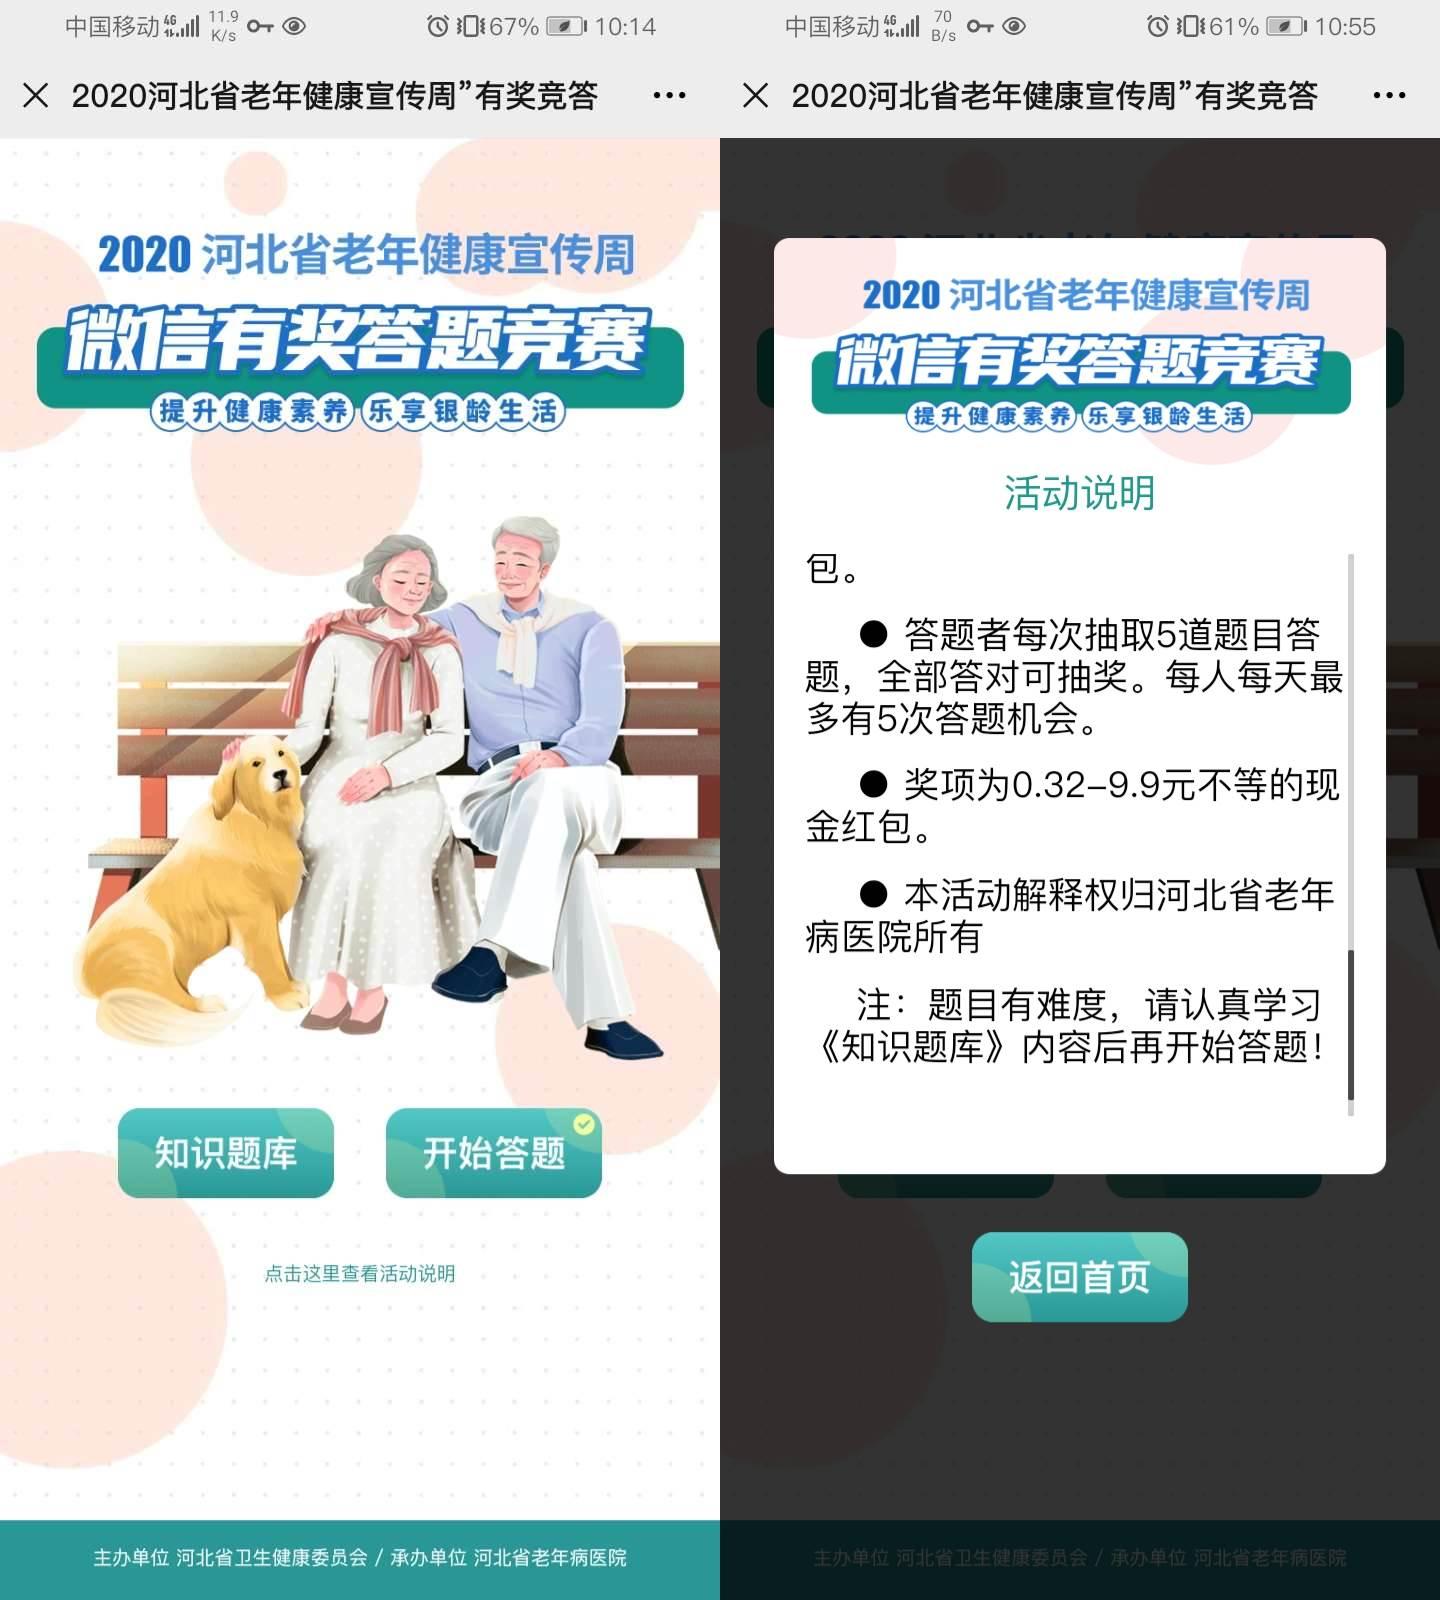 河北省健康宣传周答题抽红包